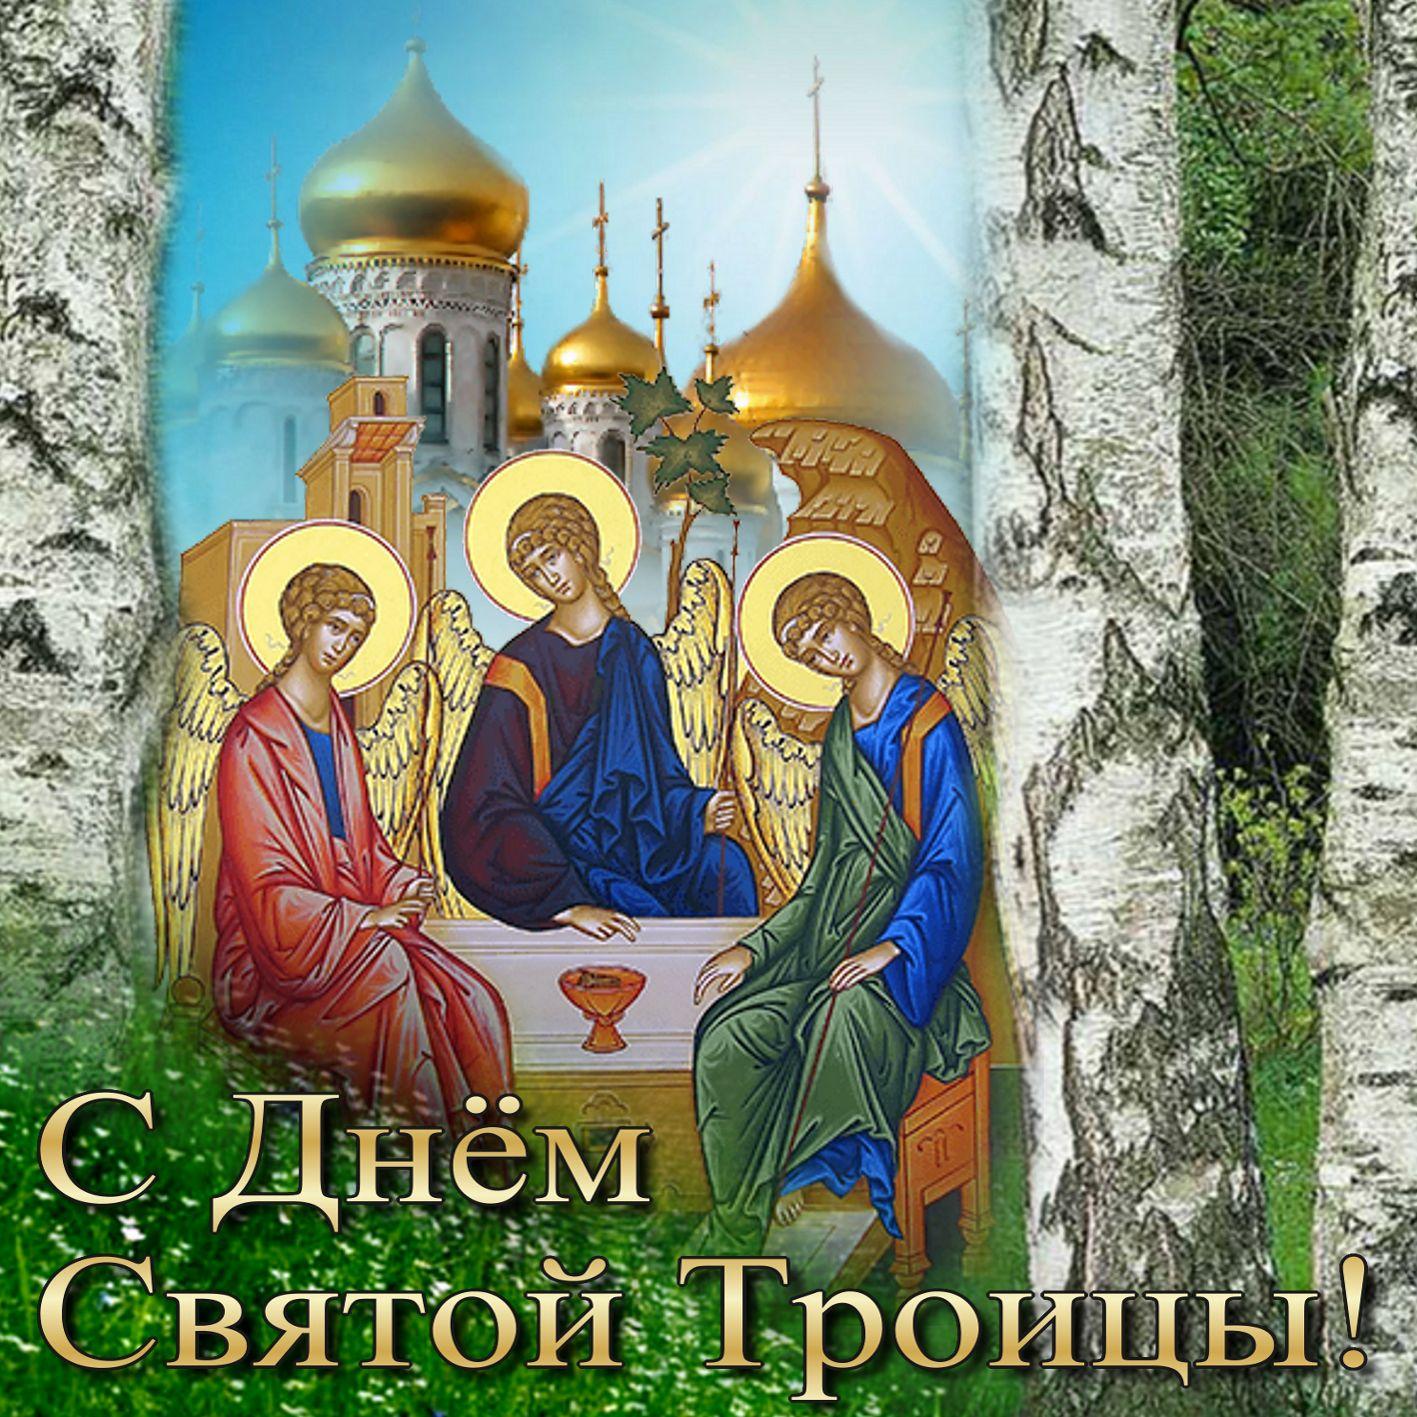 Святая Троица на фоне белых березок